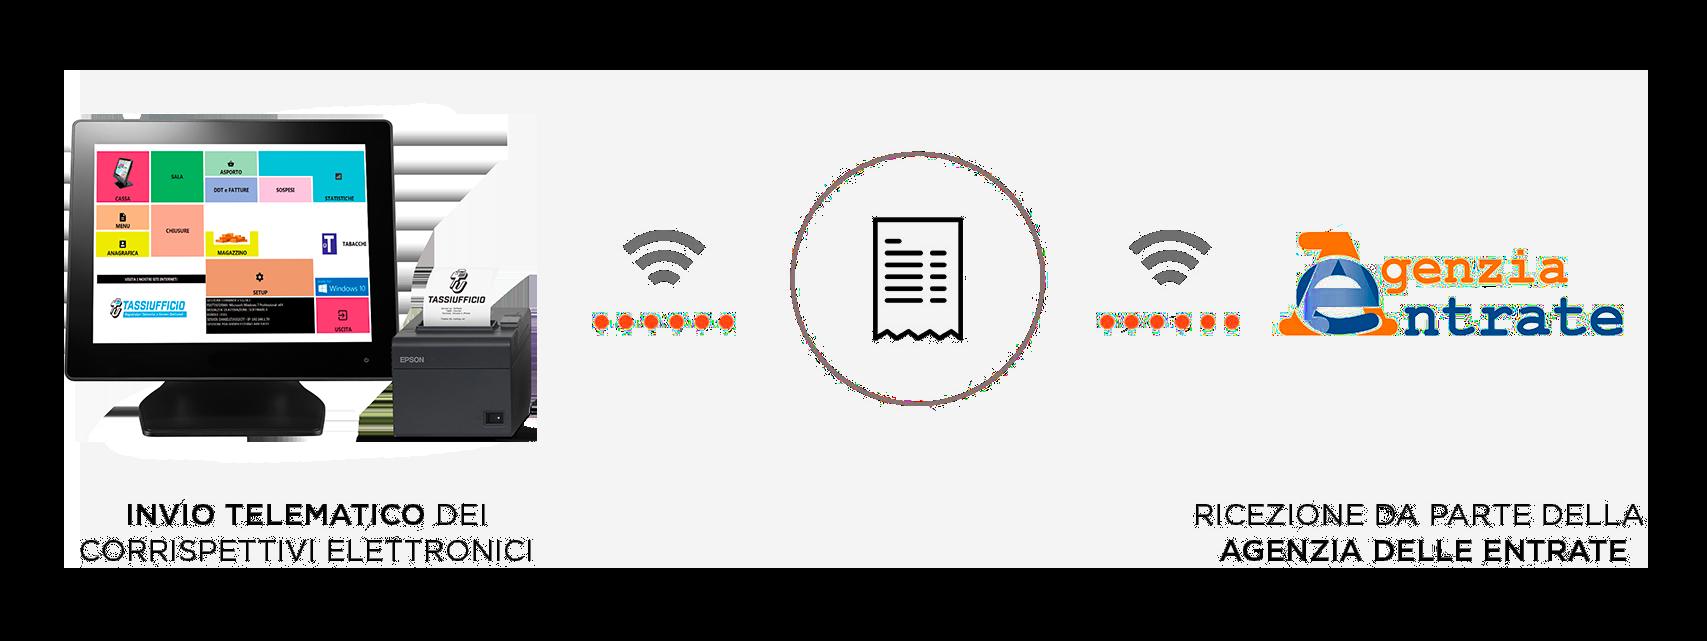 corrispettivi-elettronici- registratore telematico